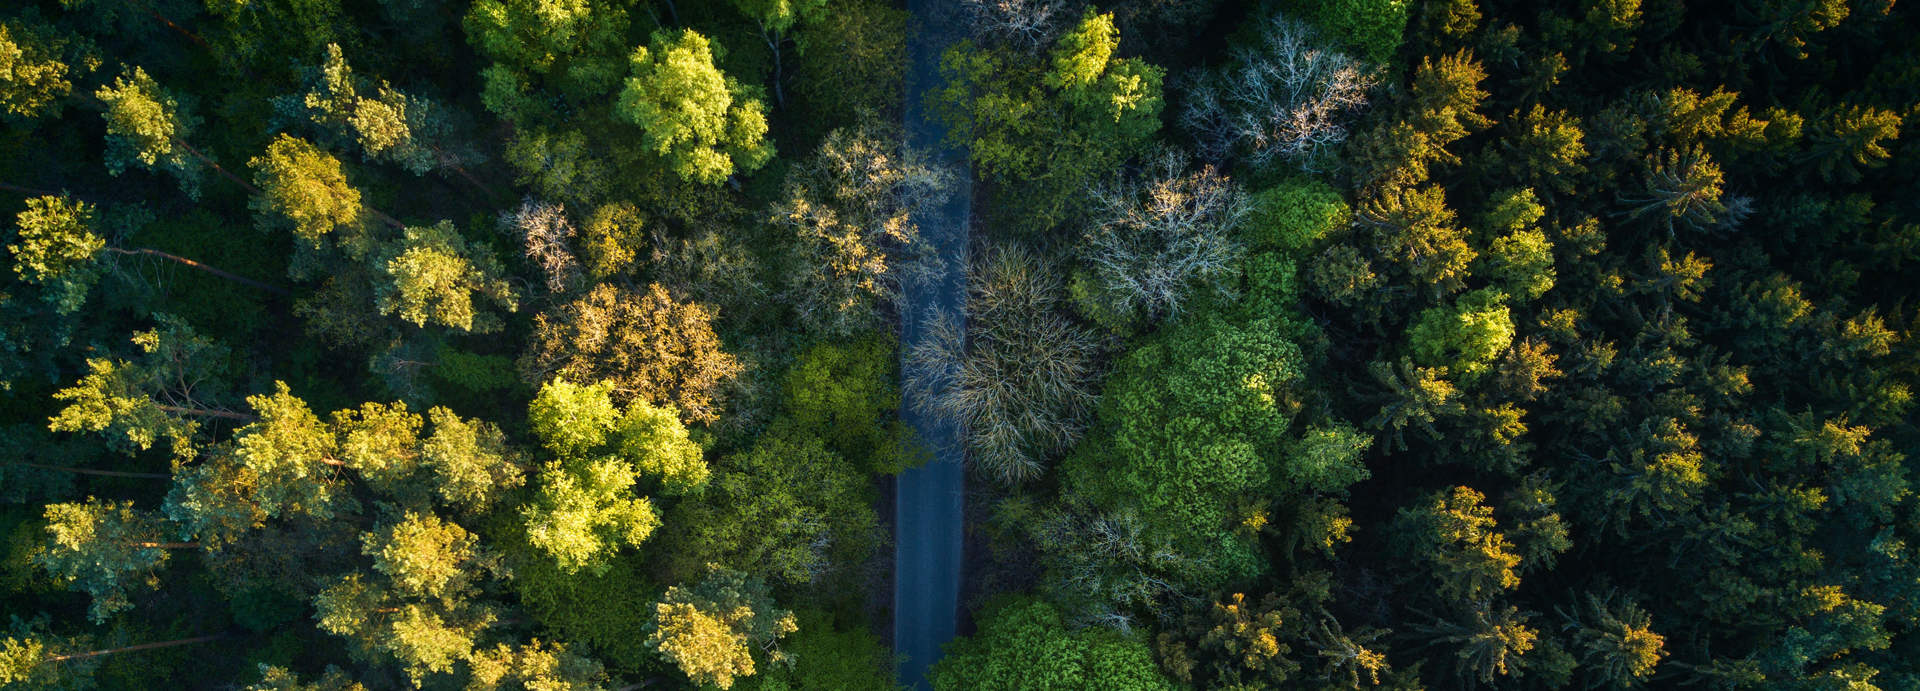 طبیعت درختان ویکی ووک